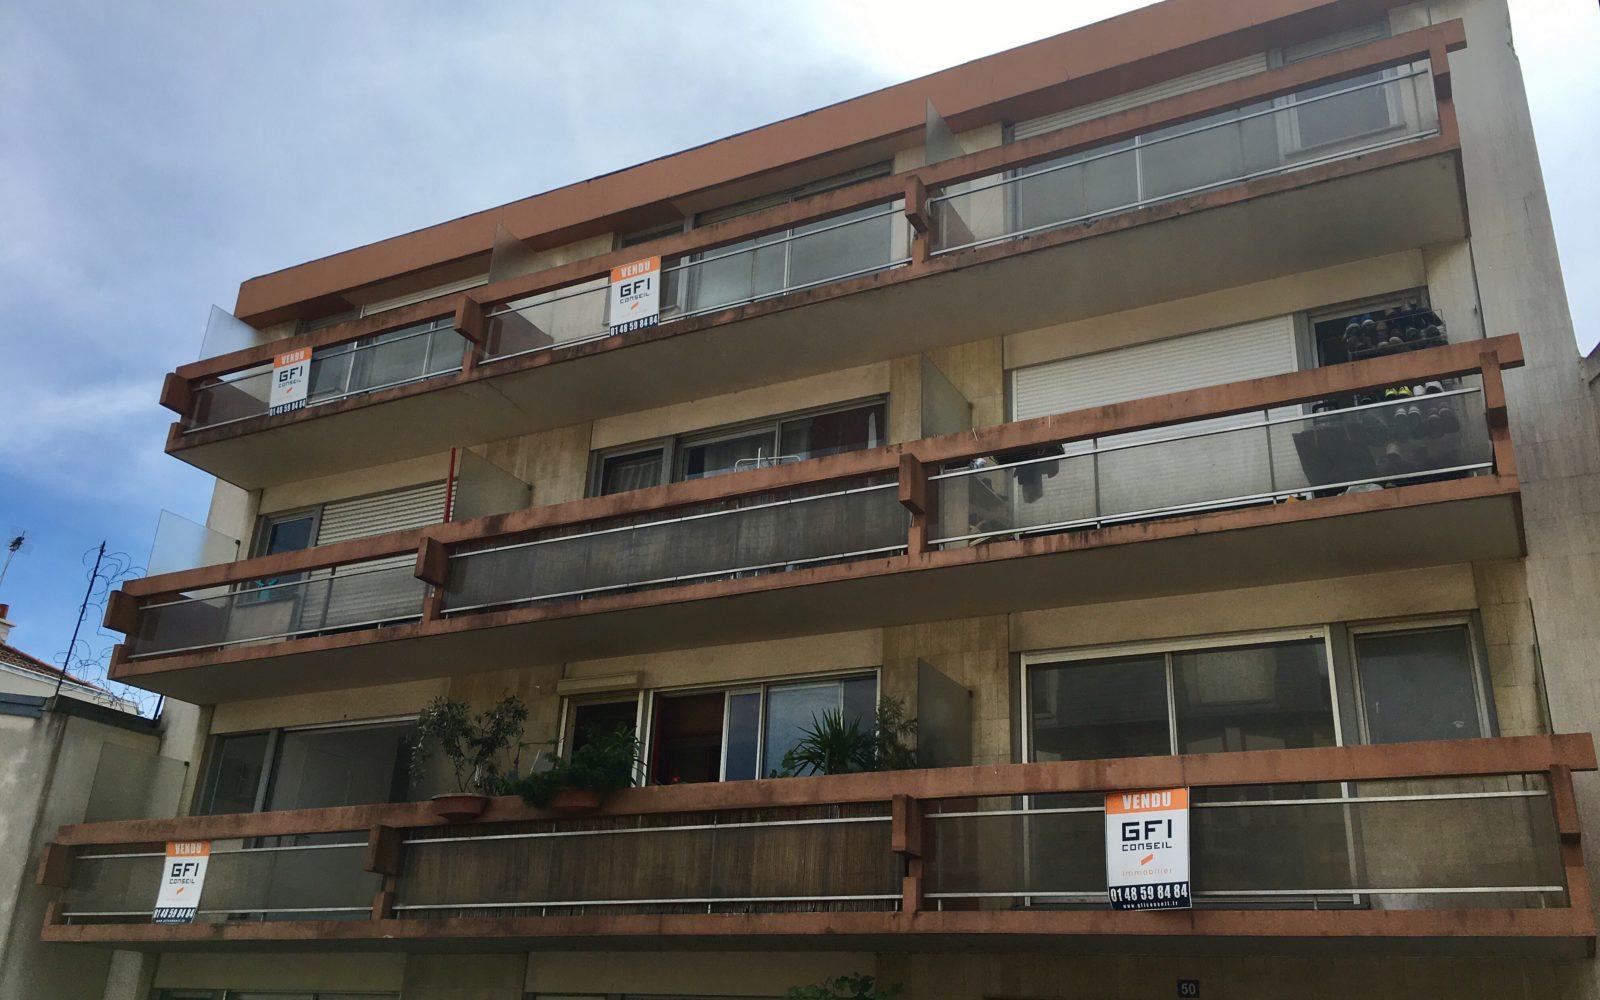 Façade de l'immeuble avant travaux